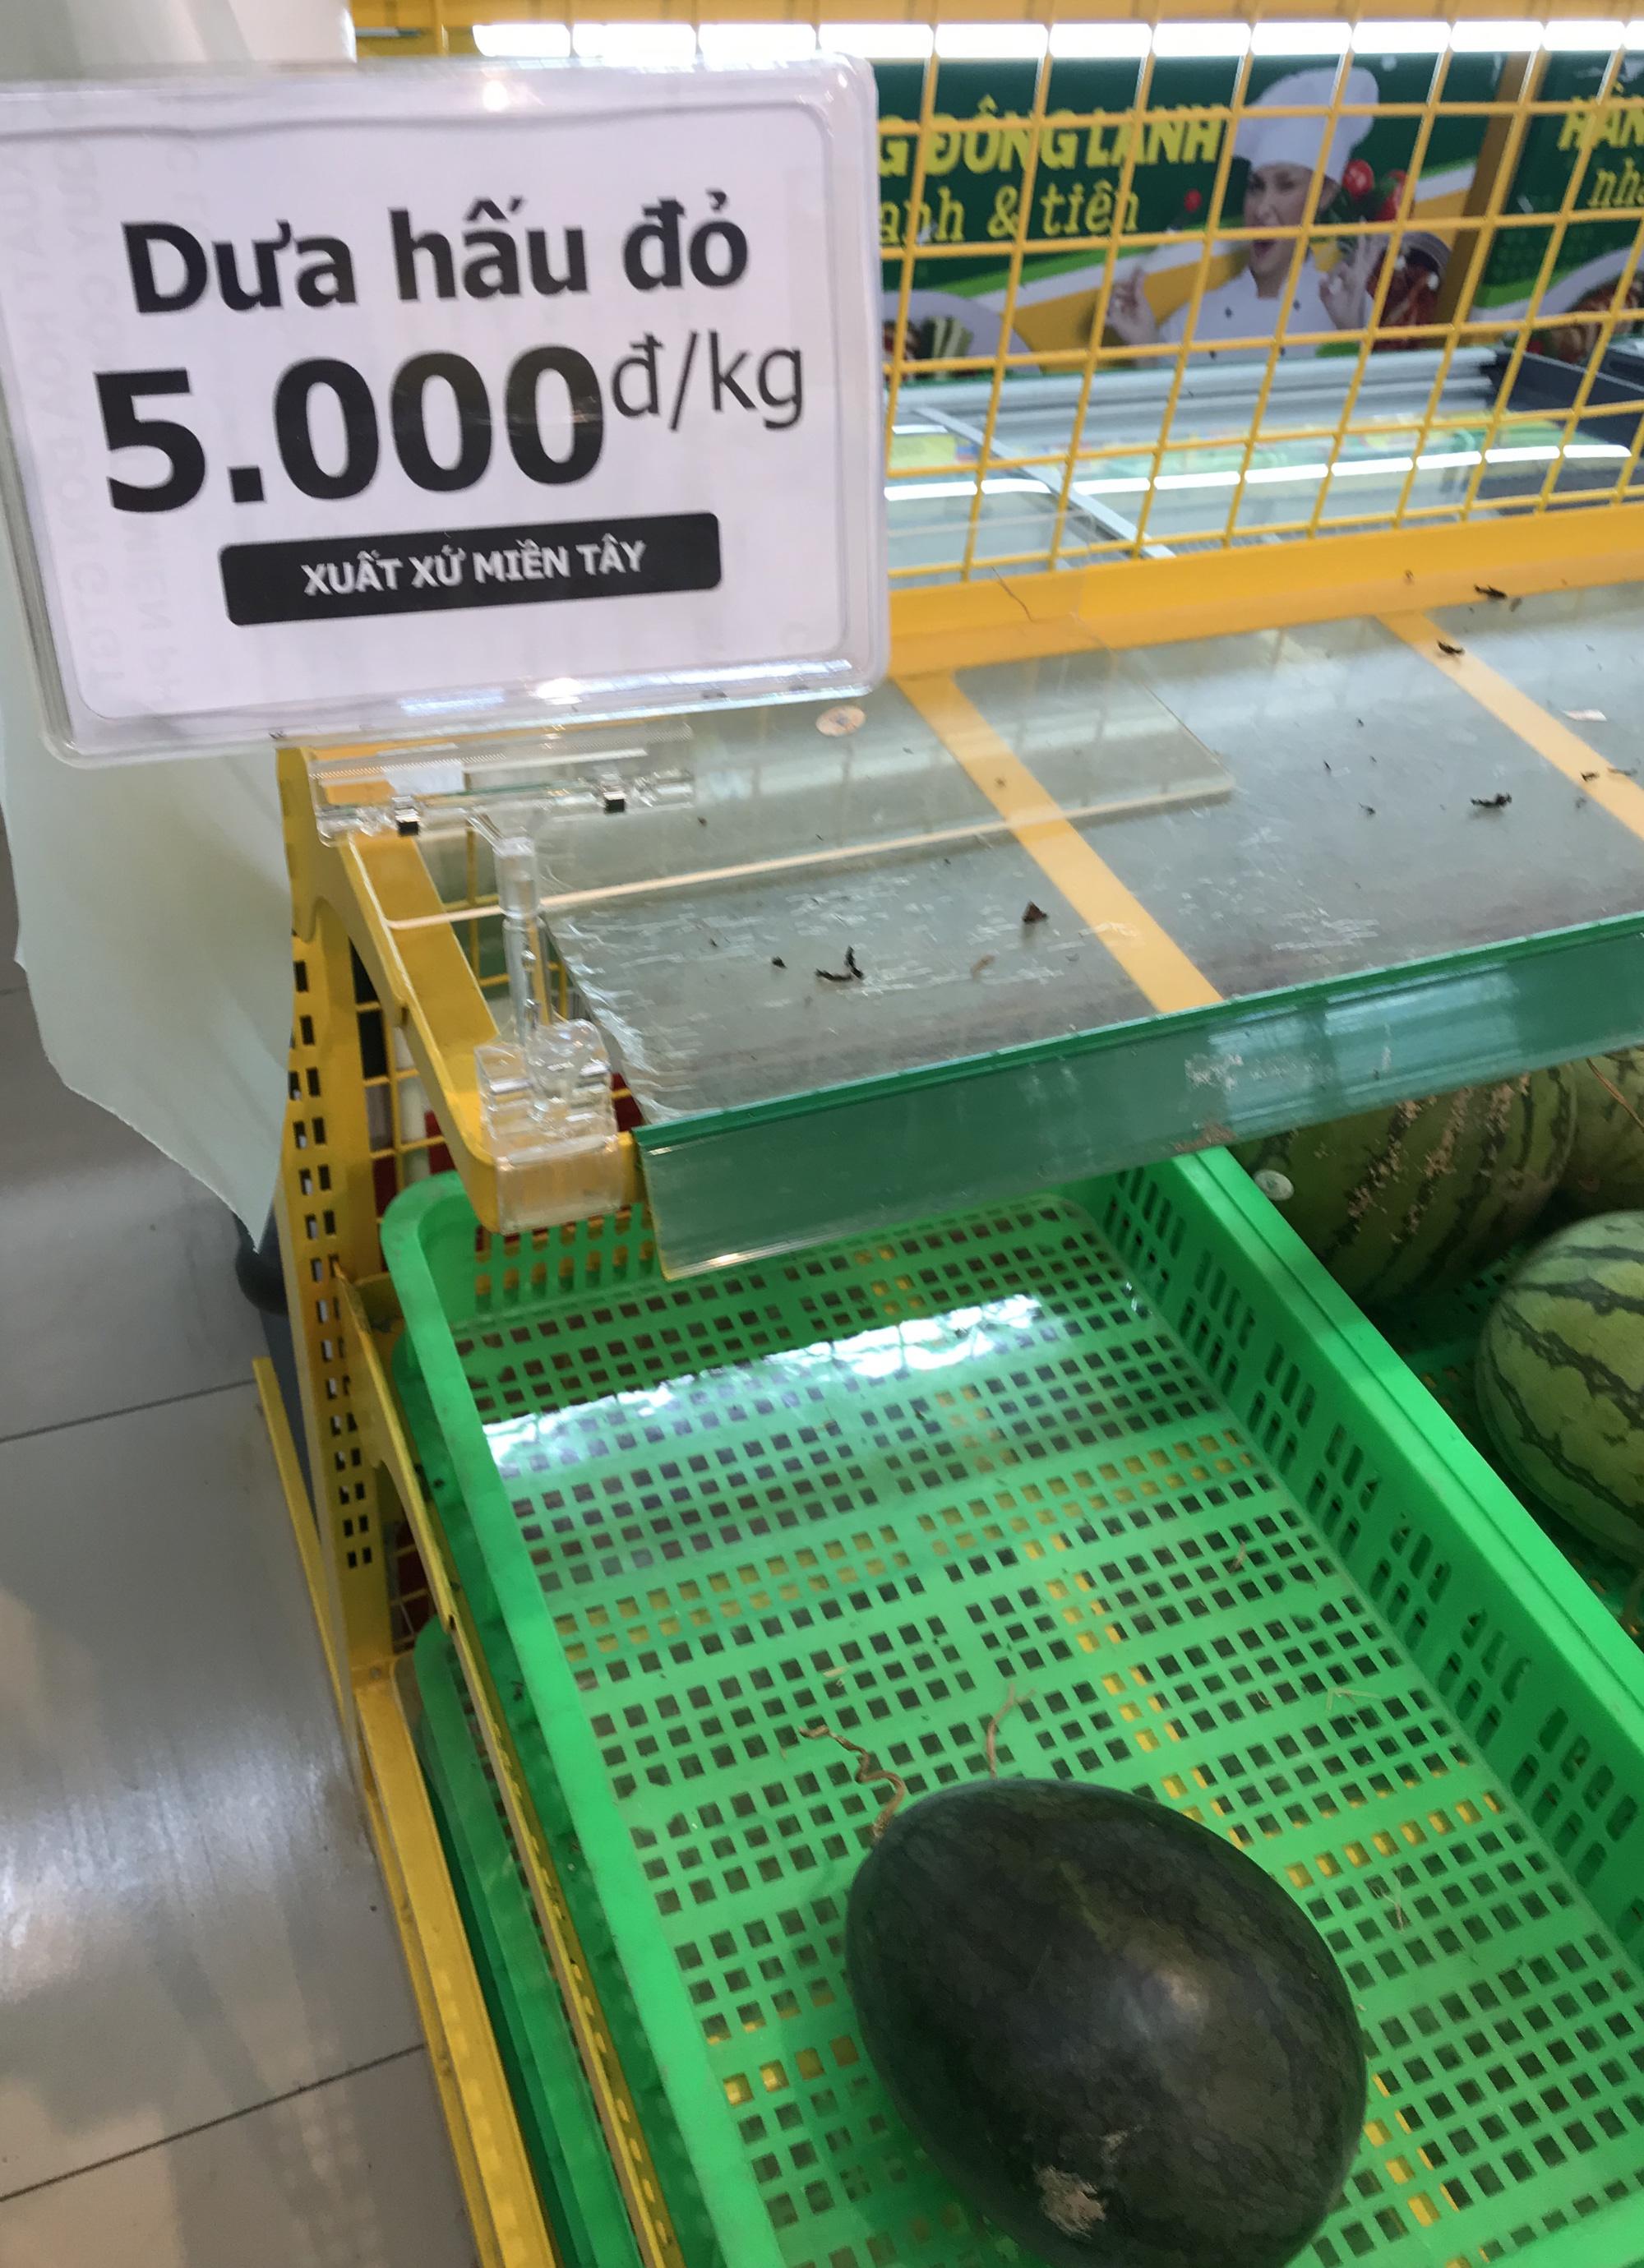 Người Sài Gòn đổ xô giải cứu dưa hấu, thanh long từ 4.200 đồng/kg trong siêu thị, mới 8h, có nơi đã hết sạch - Ảnh 14.